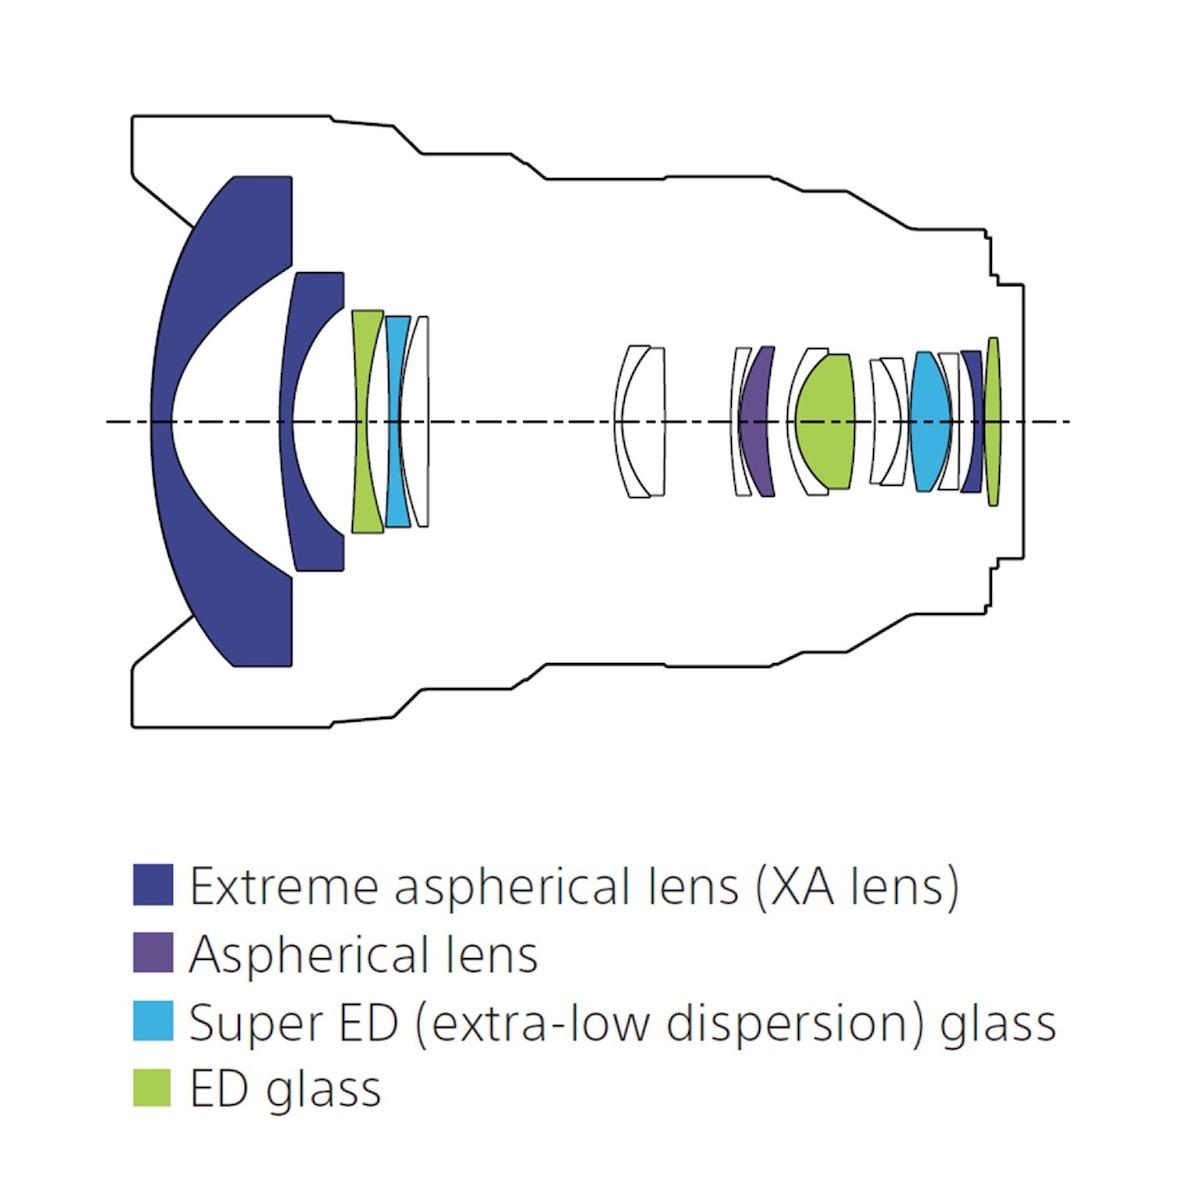 使用了第二代 Nano AR 鍍膜,更有效防止光線反射導致的耀光,實拍時效果相當明顯。